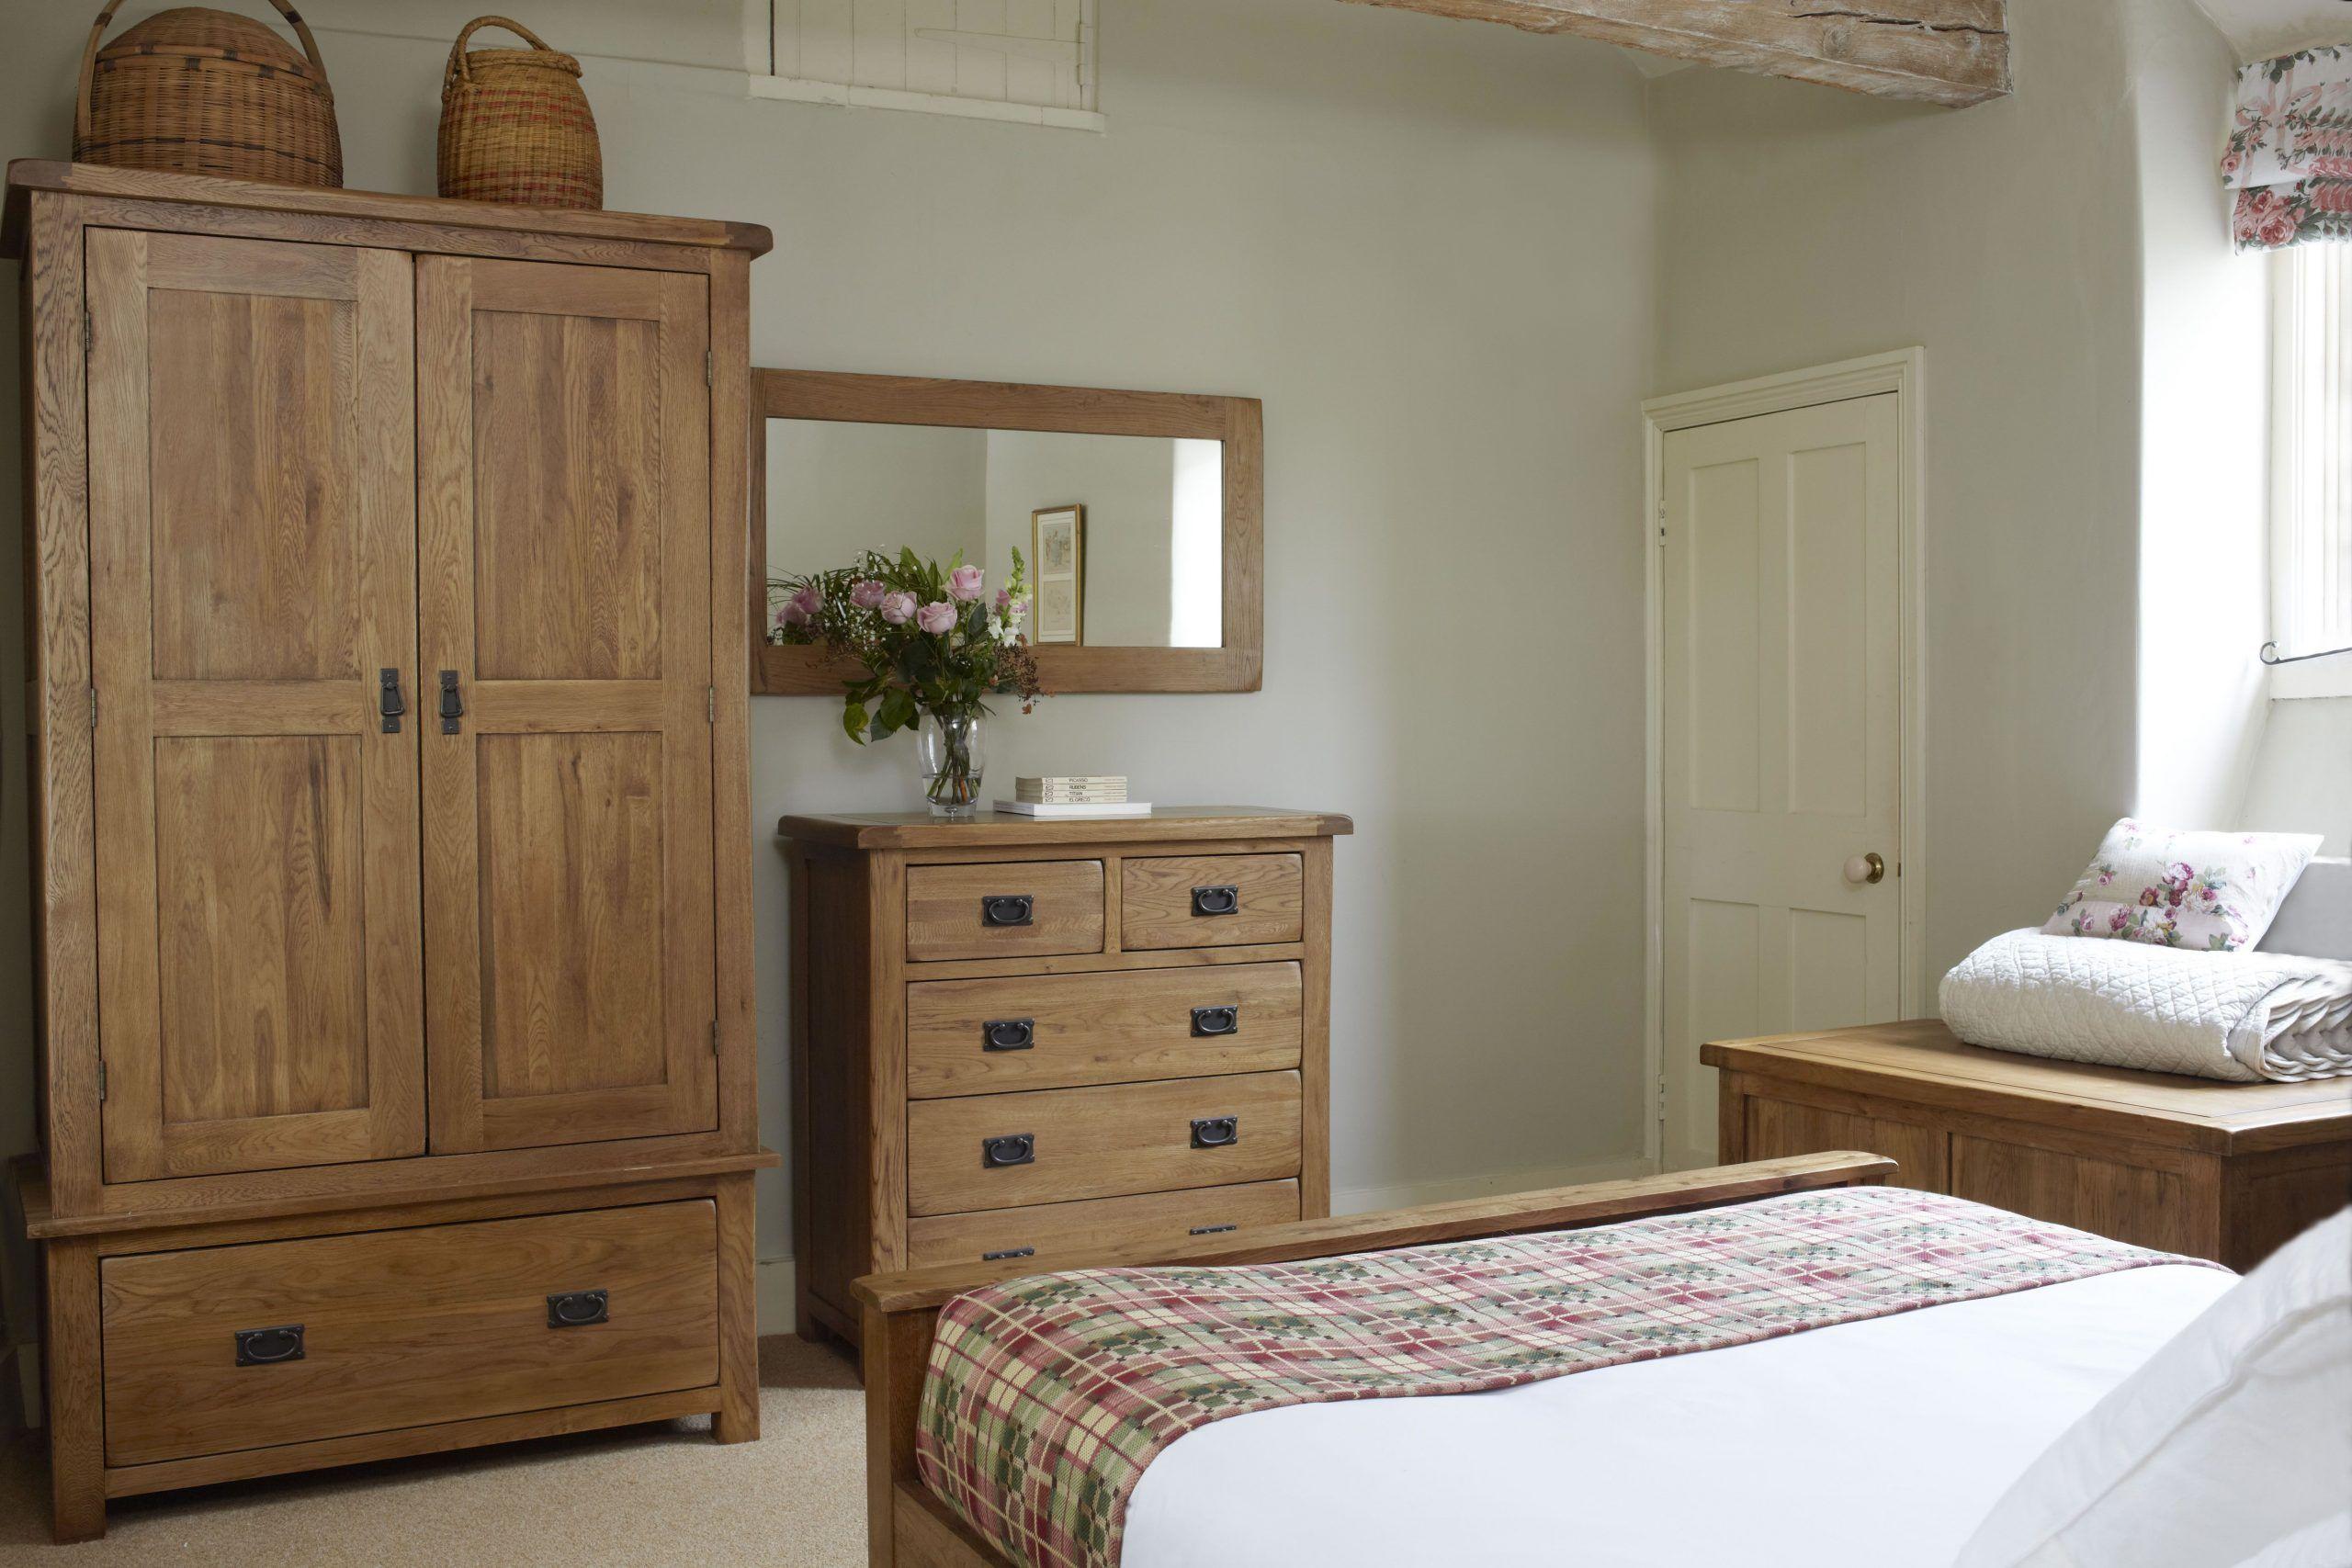 Rustic Solid Oak Lovely Bedroom Furniture Oakfurniture In 2020 Oak Bedroom Furniture Rustic Bedroom Furniture Oak Bedroom